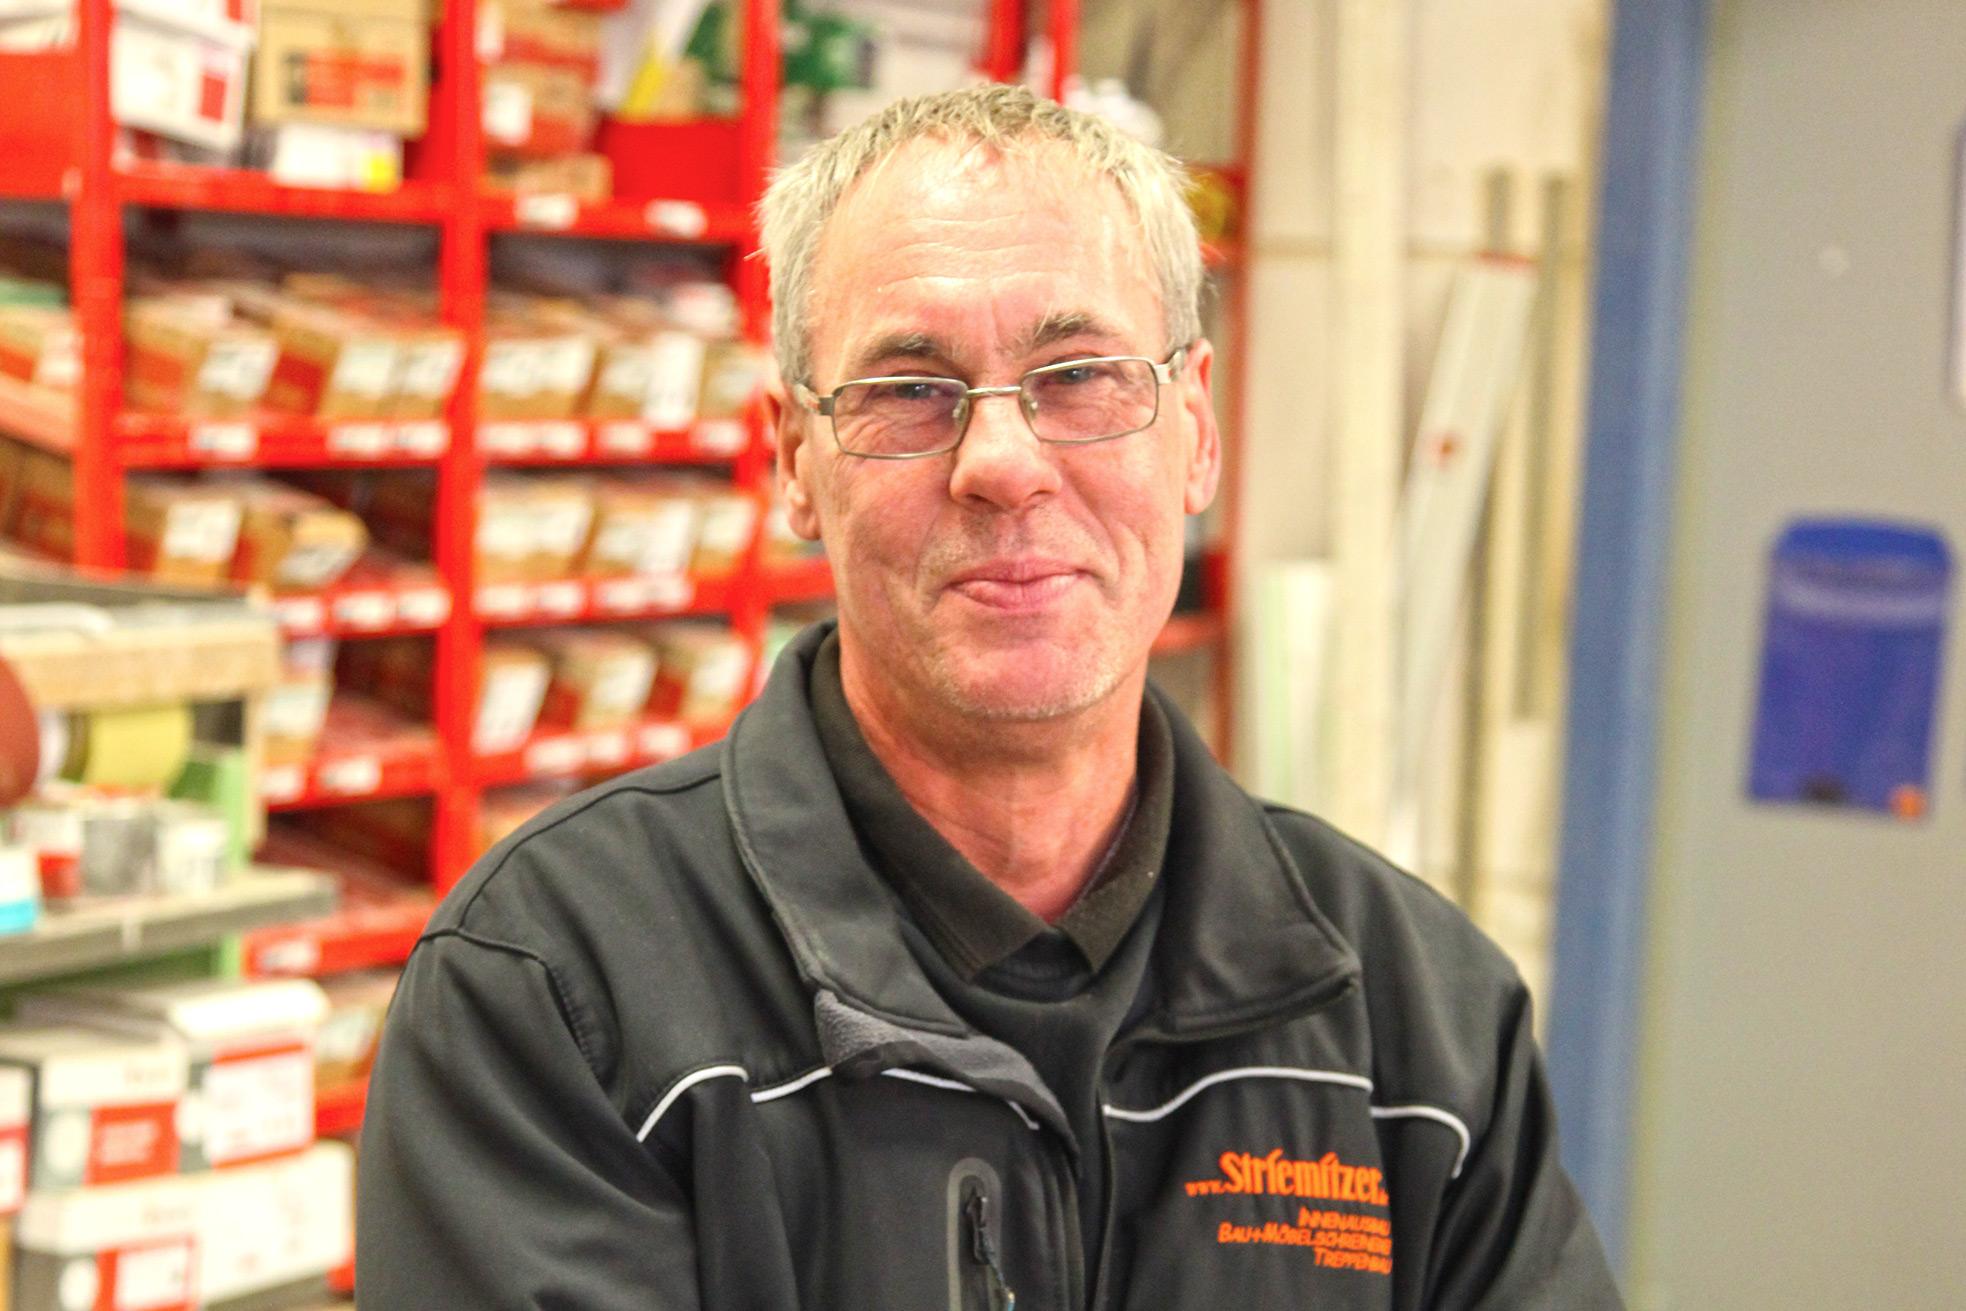 Hans Josef Müller, Striemitzer GmbH